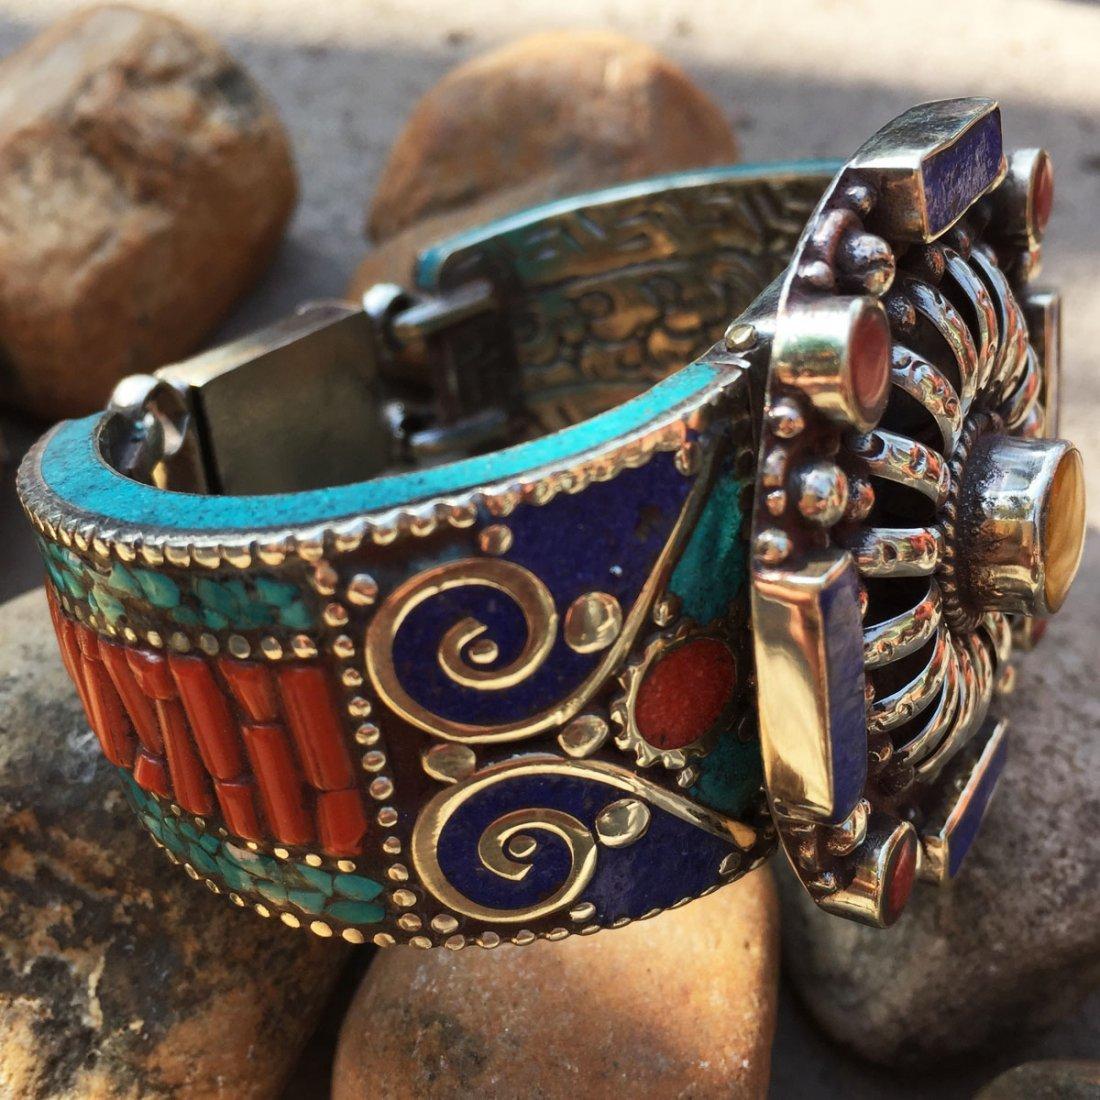 Traditional Tibetan Turquoise, Amber & Coral Bangle - 2